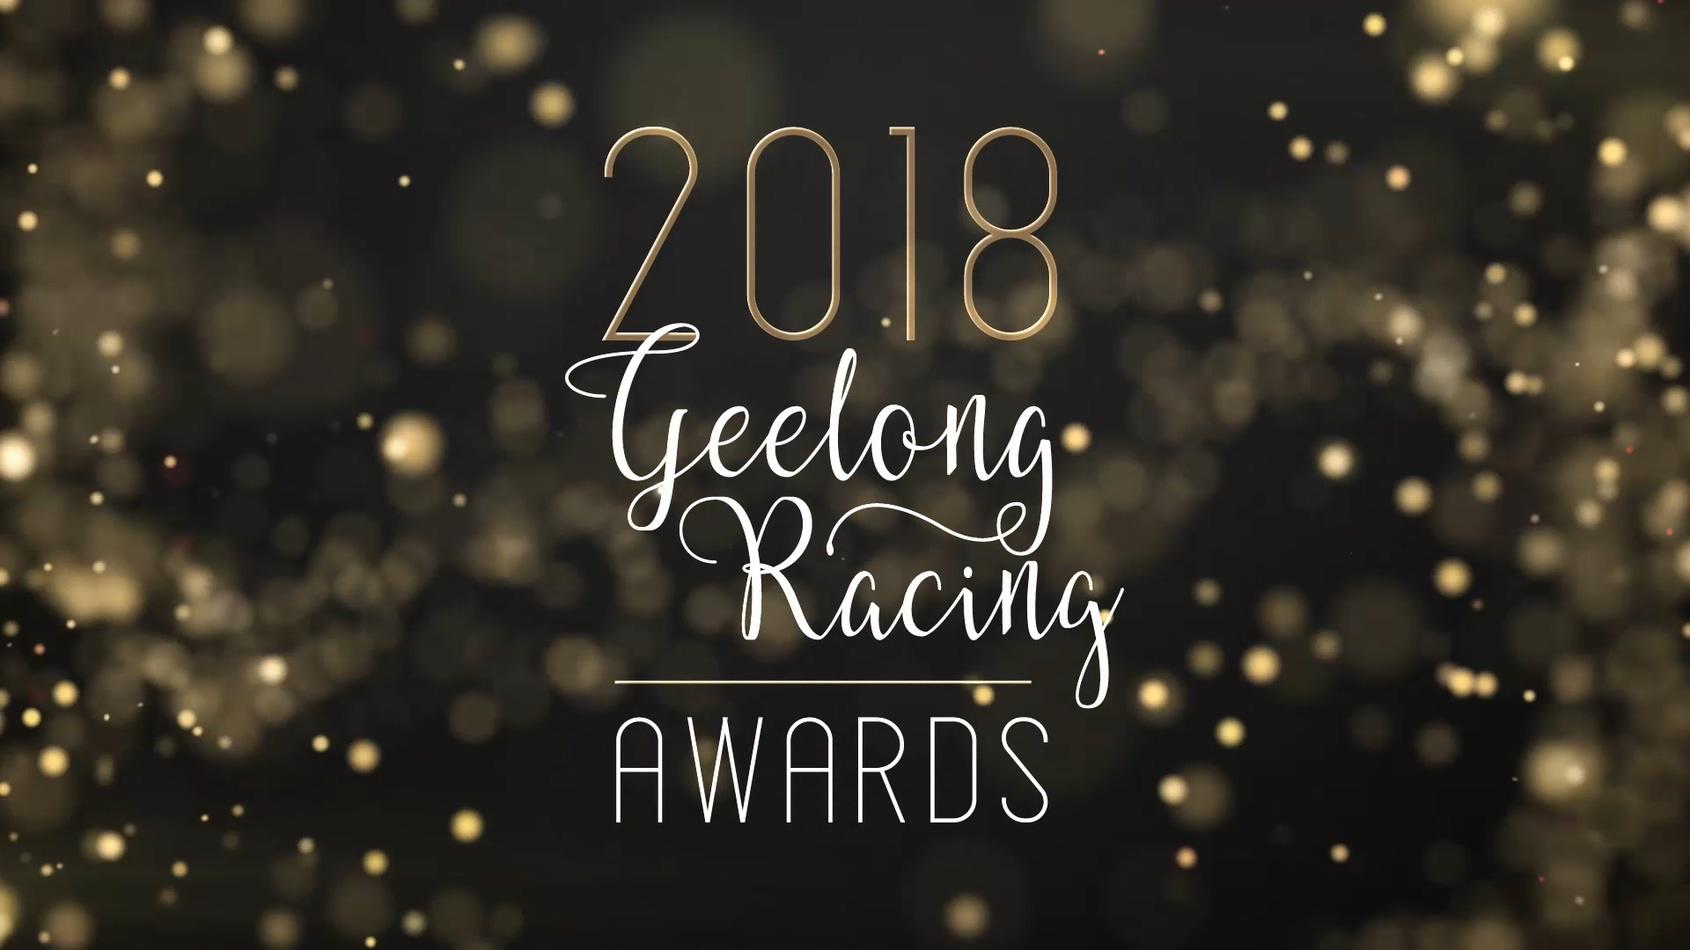 Geelong Racing Awards - A/V